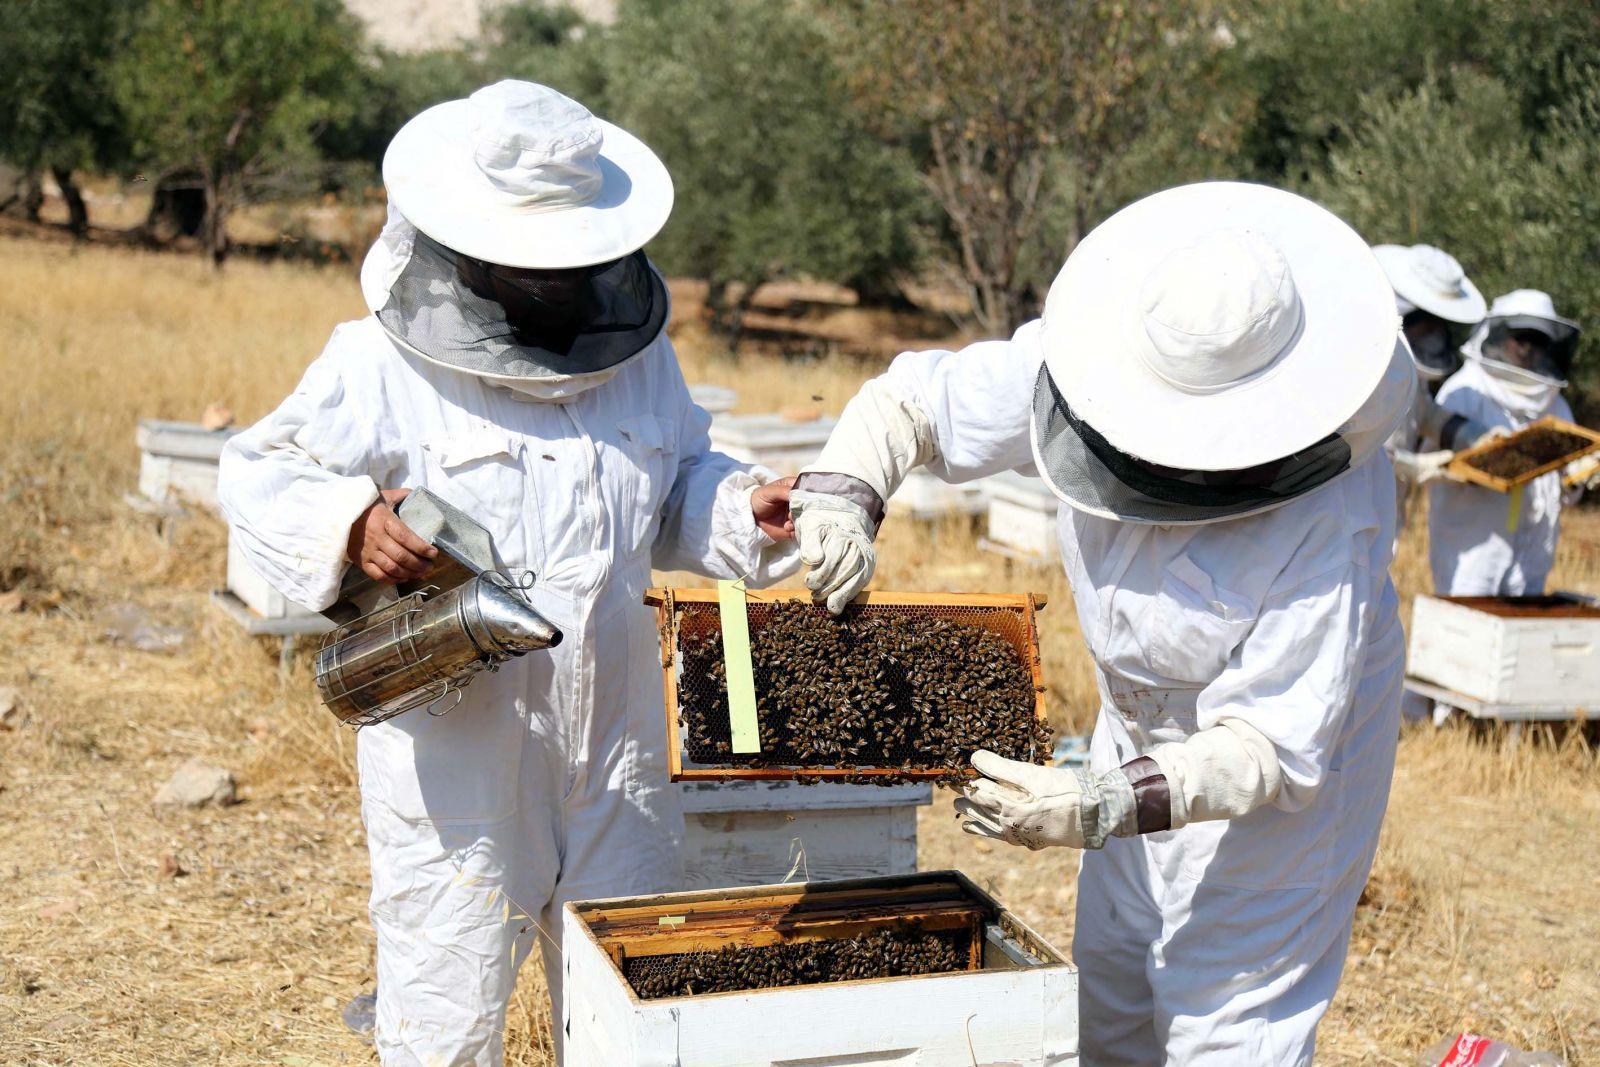 بالصور تربية النحل , تعلم كيف تقوم بتربيه النحل 6093 2